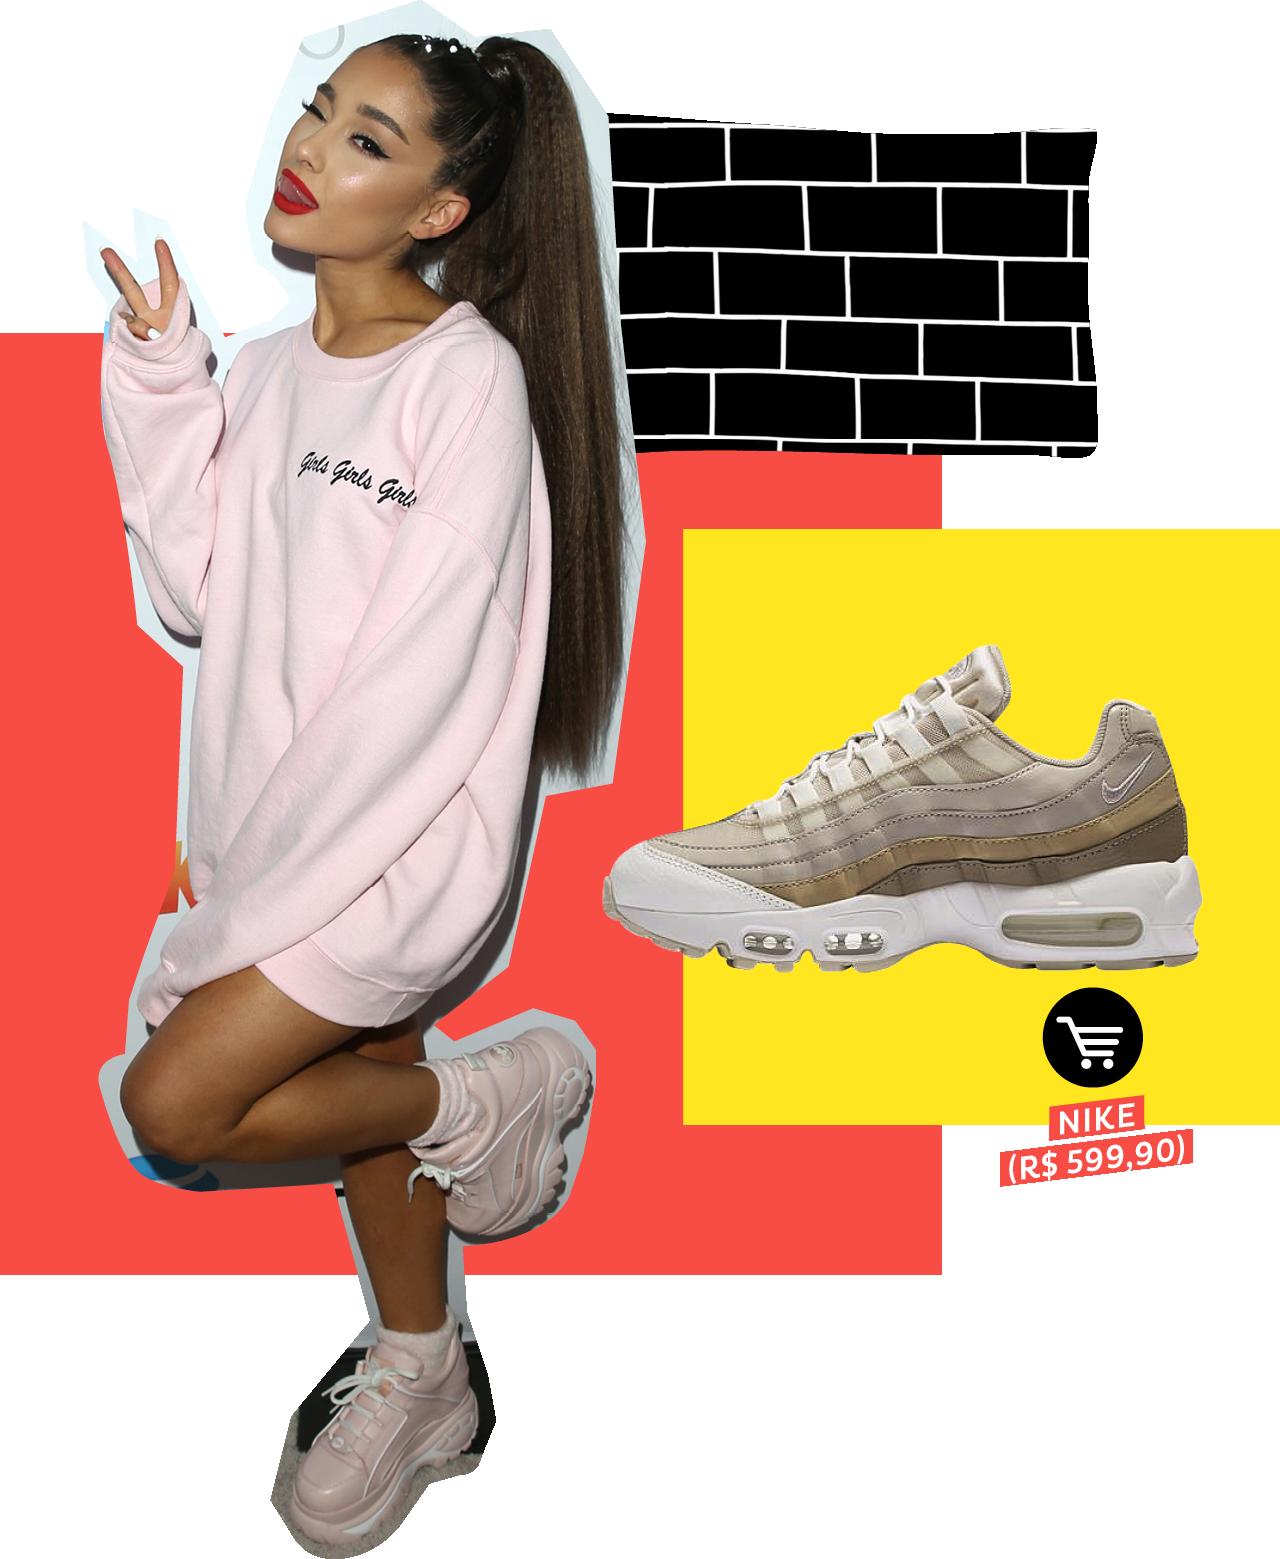 Ariana Grande usando dad sneakers no street style. Dicas de como usar e onde comprar